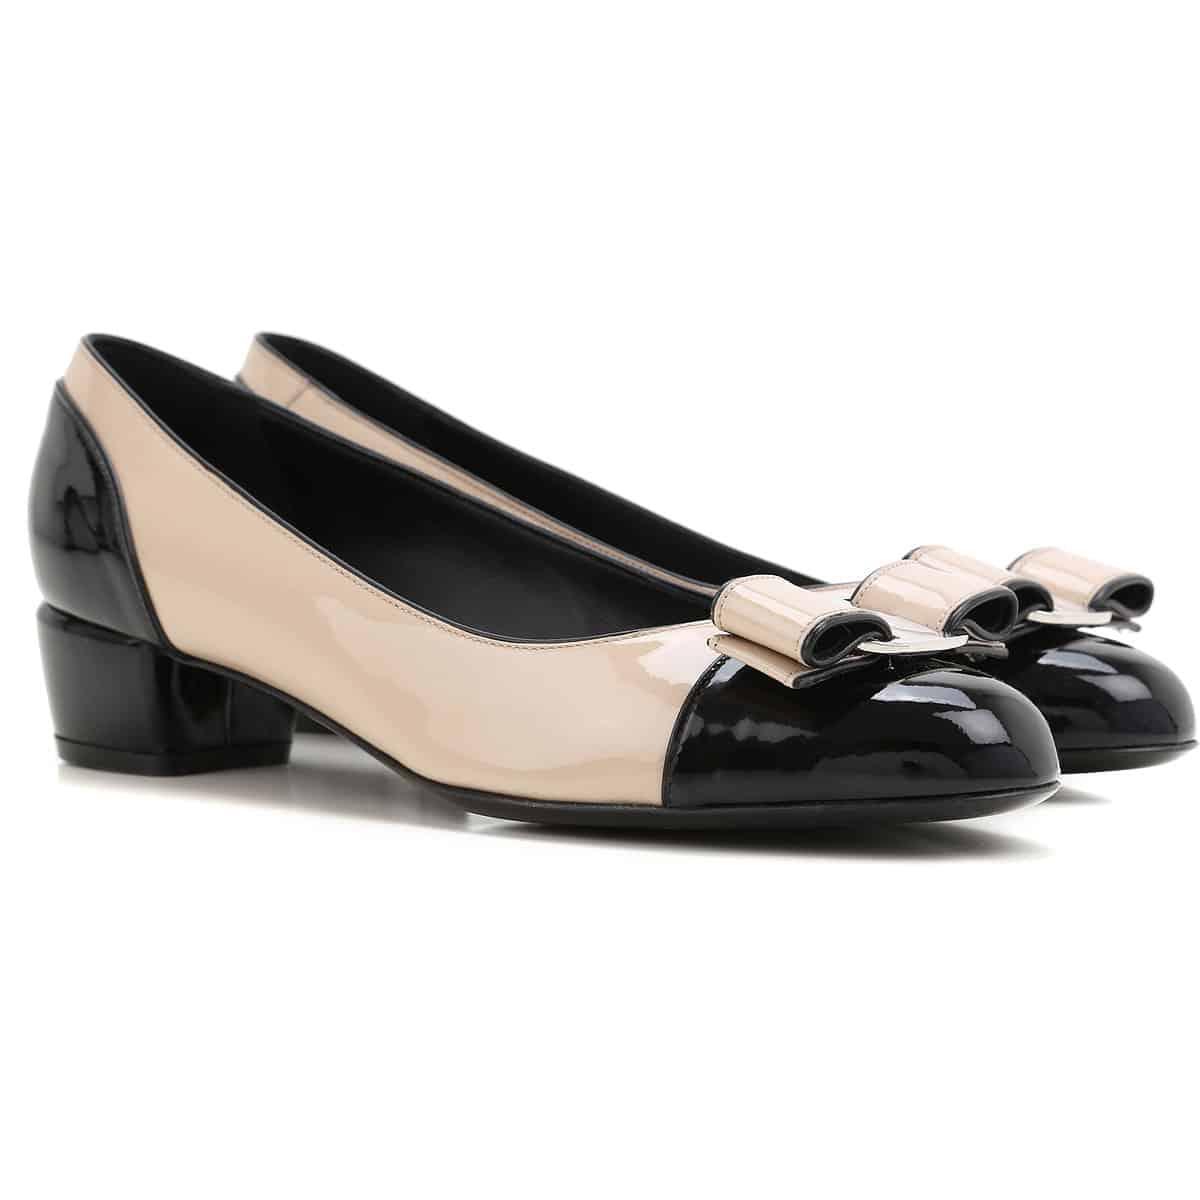 Sepatu-Wanita-Salvatore-Ferragamo